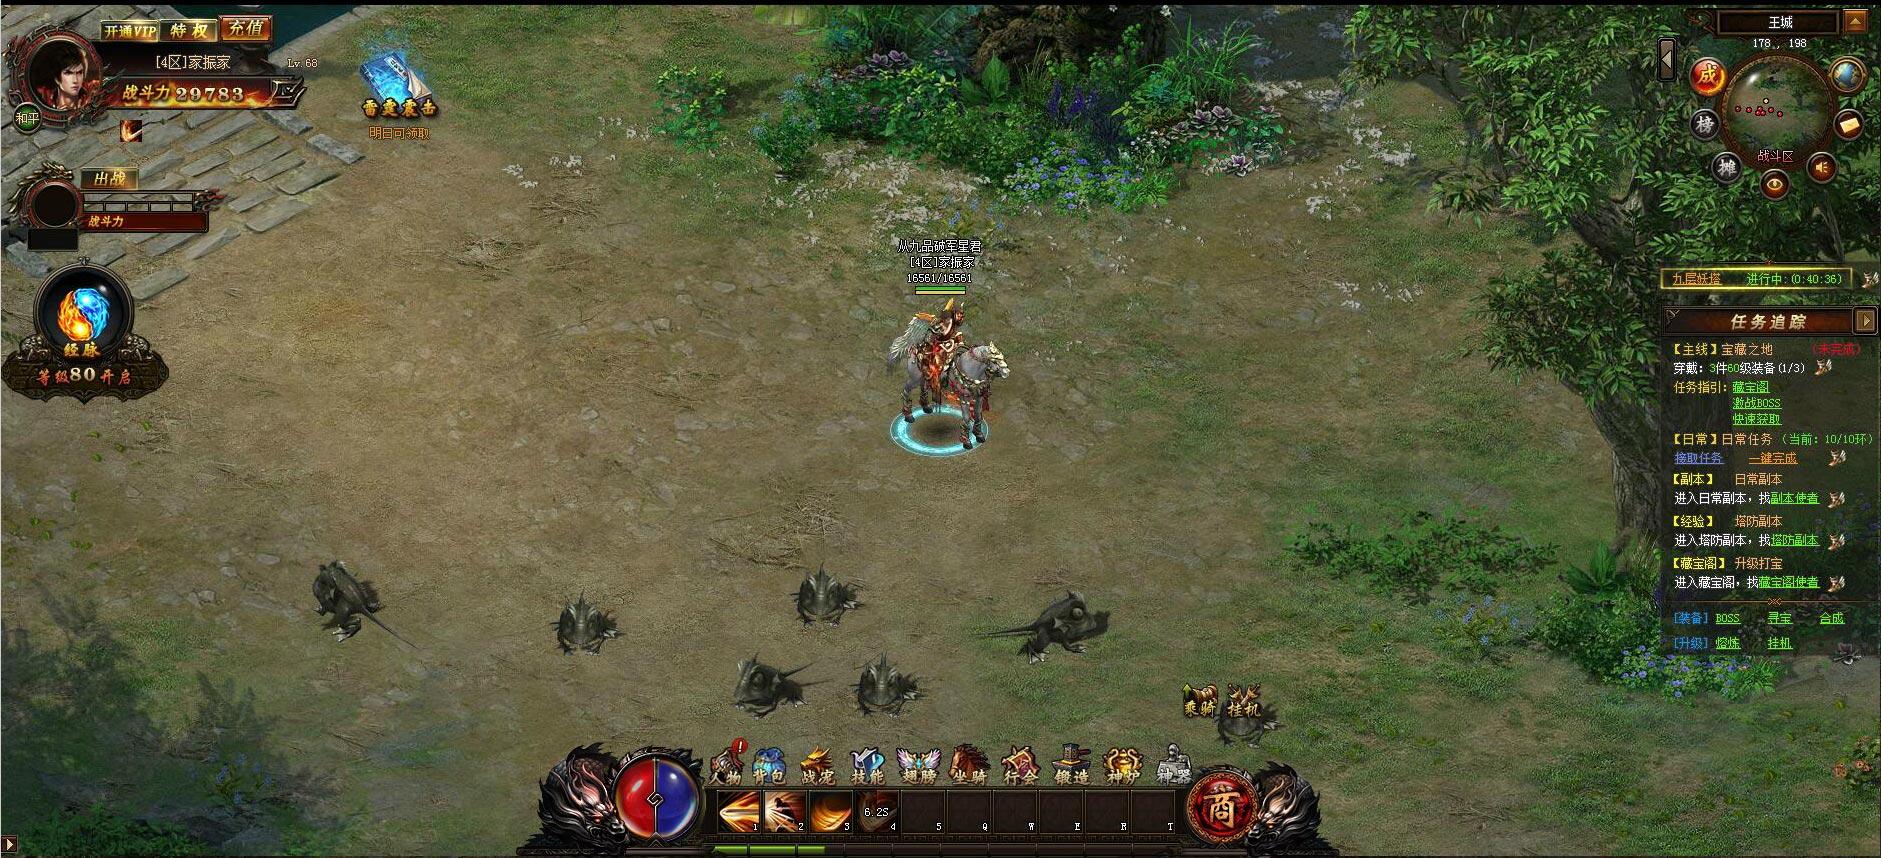 魔龙无双游戏截图3